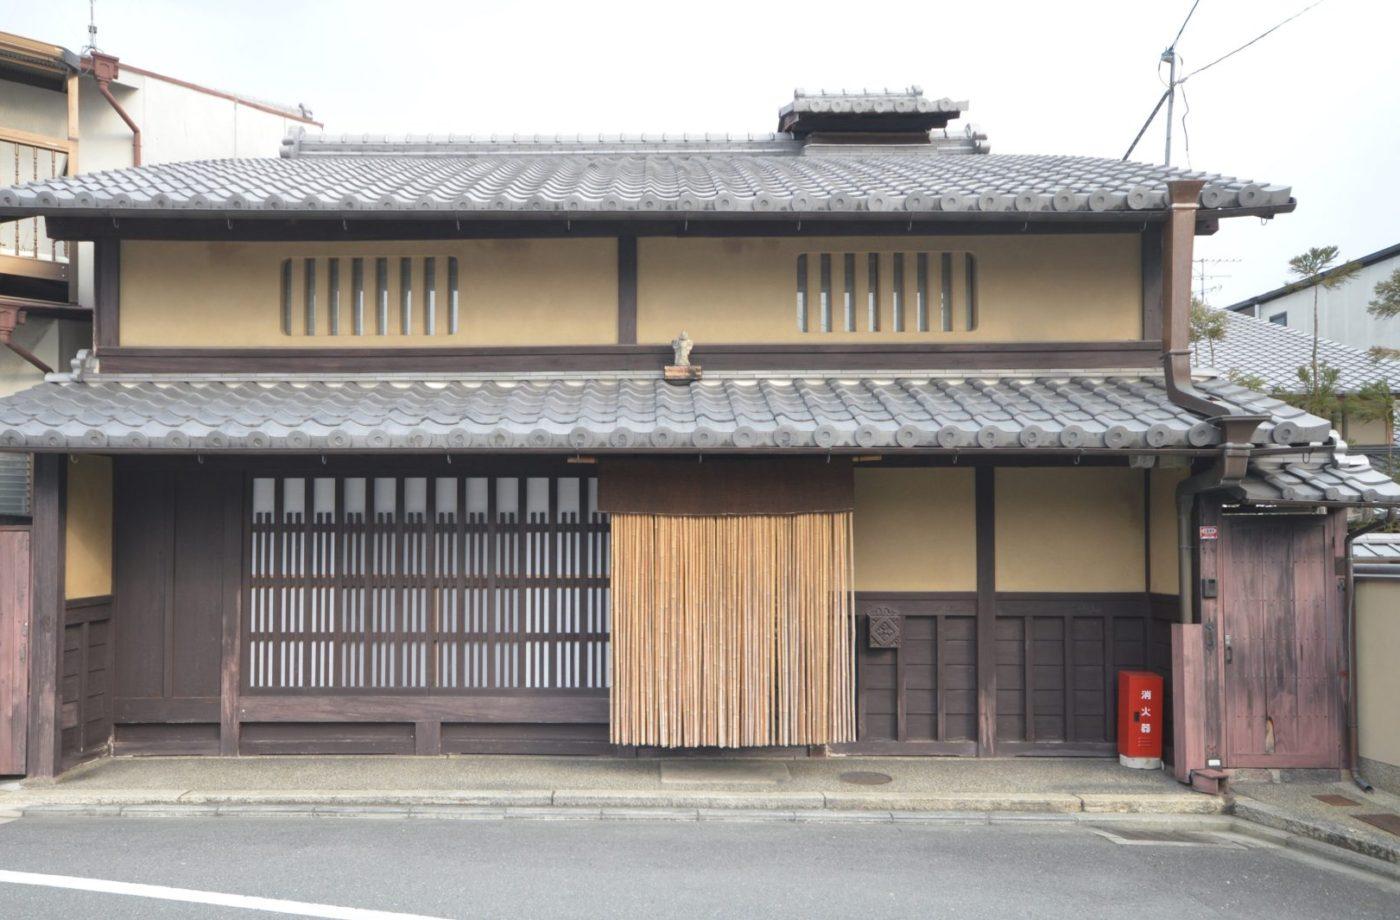 06 荒川邸 × 株式会社らくたび